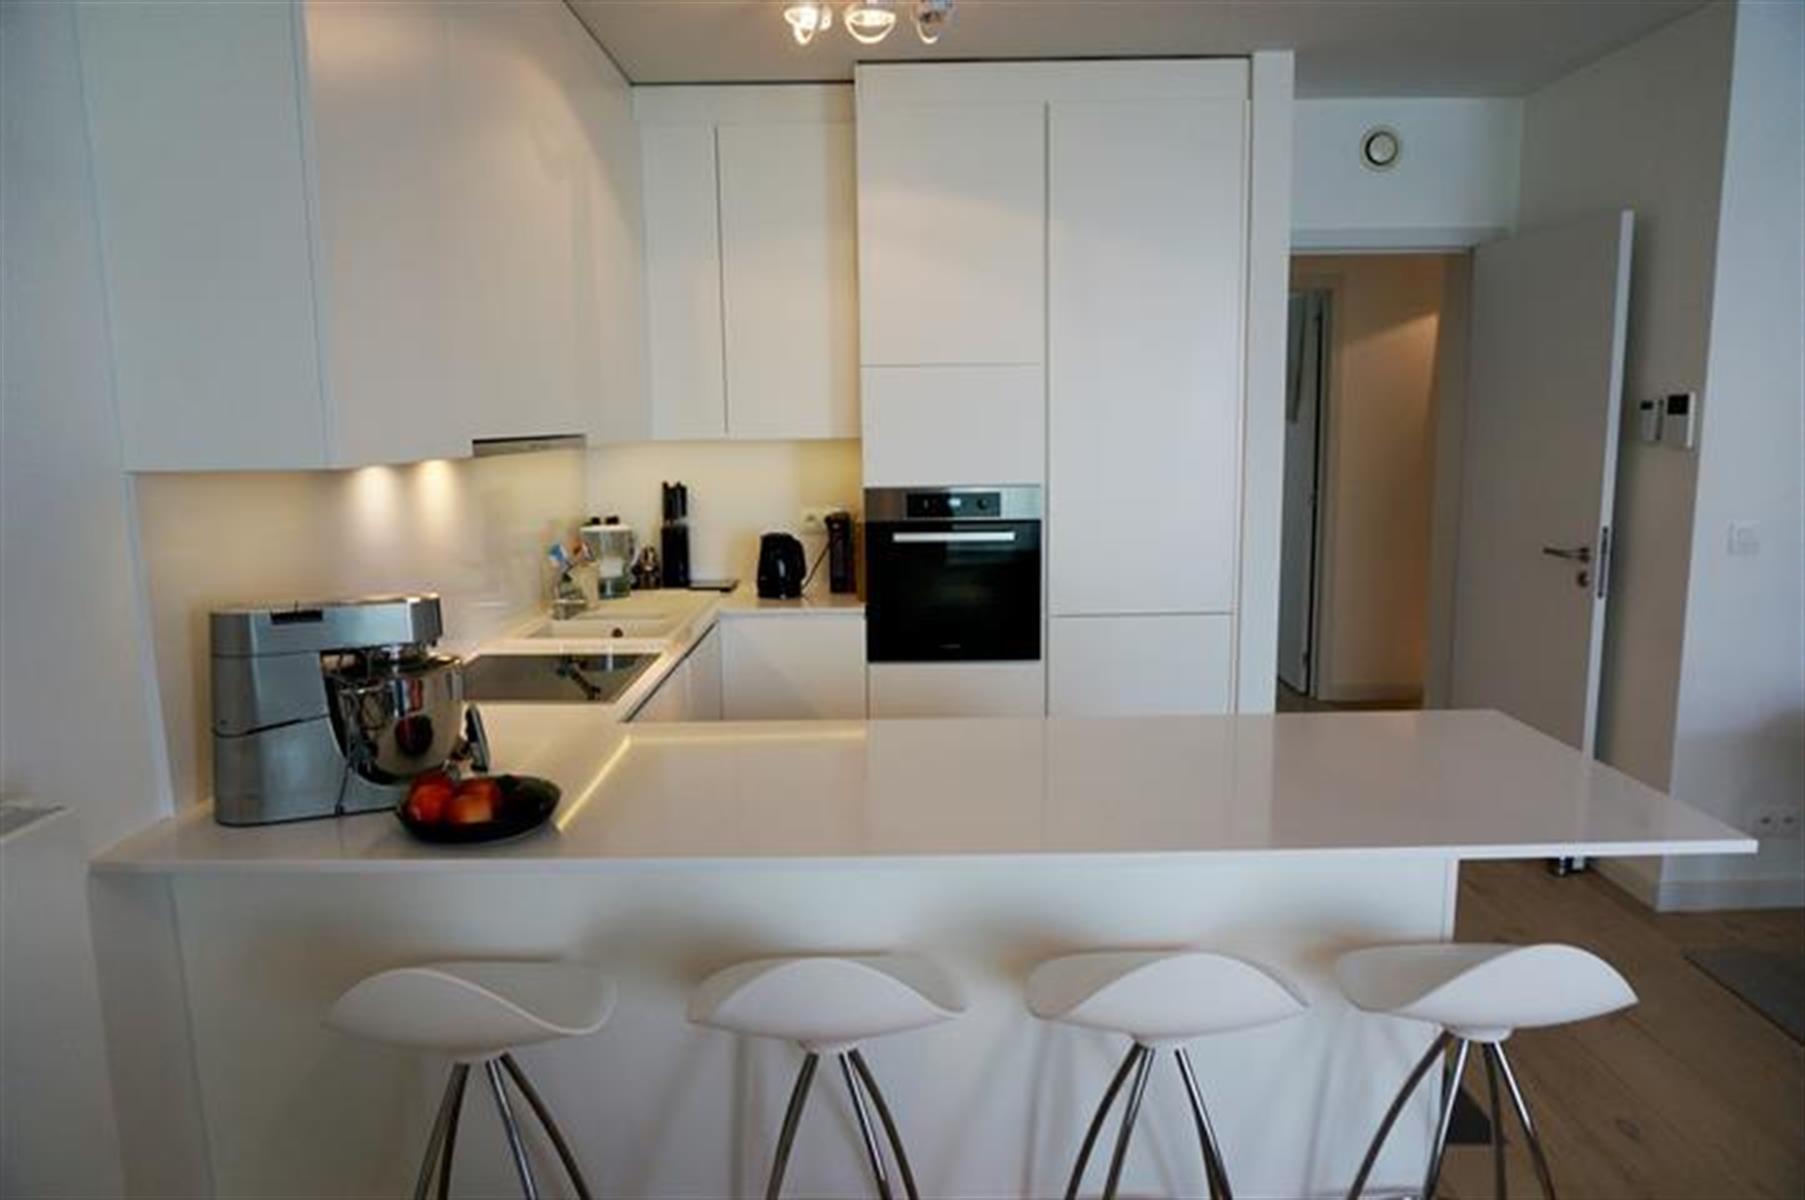 Flat - Ixelles - #4499294-4